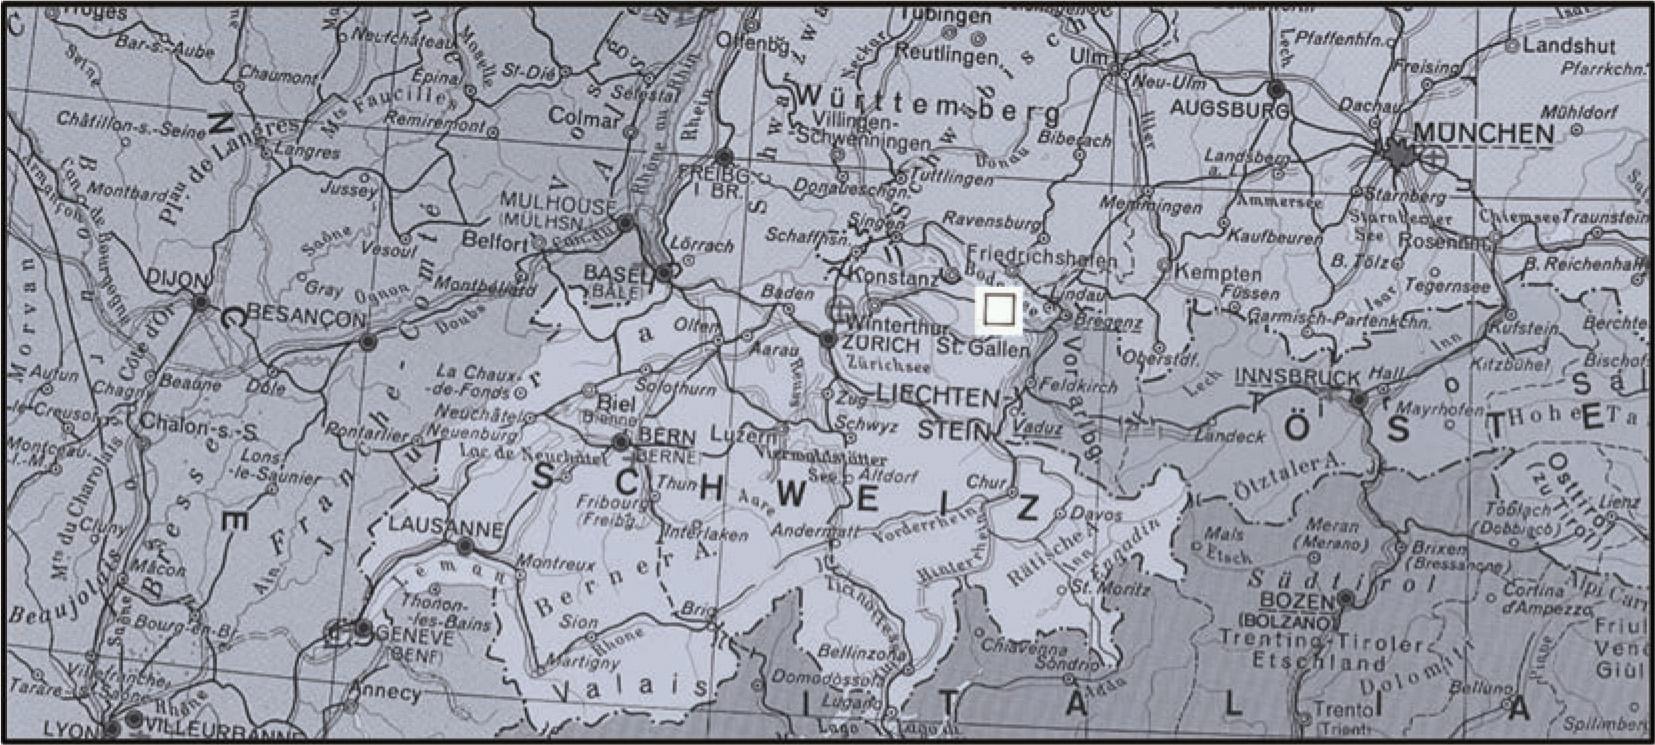 Abb. 1: Die Schweiz mit Lage der Fundgebiete im Osten bei St. Gallen (Quadrat).